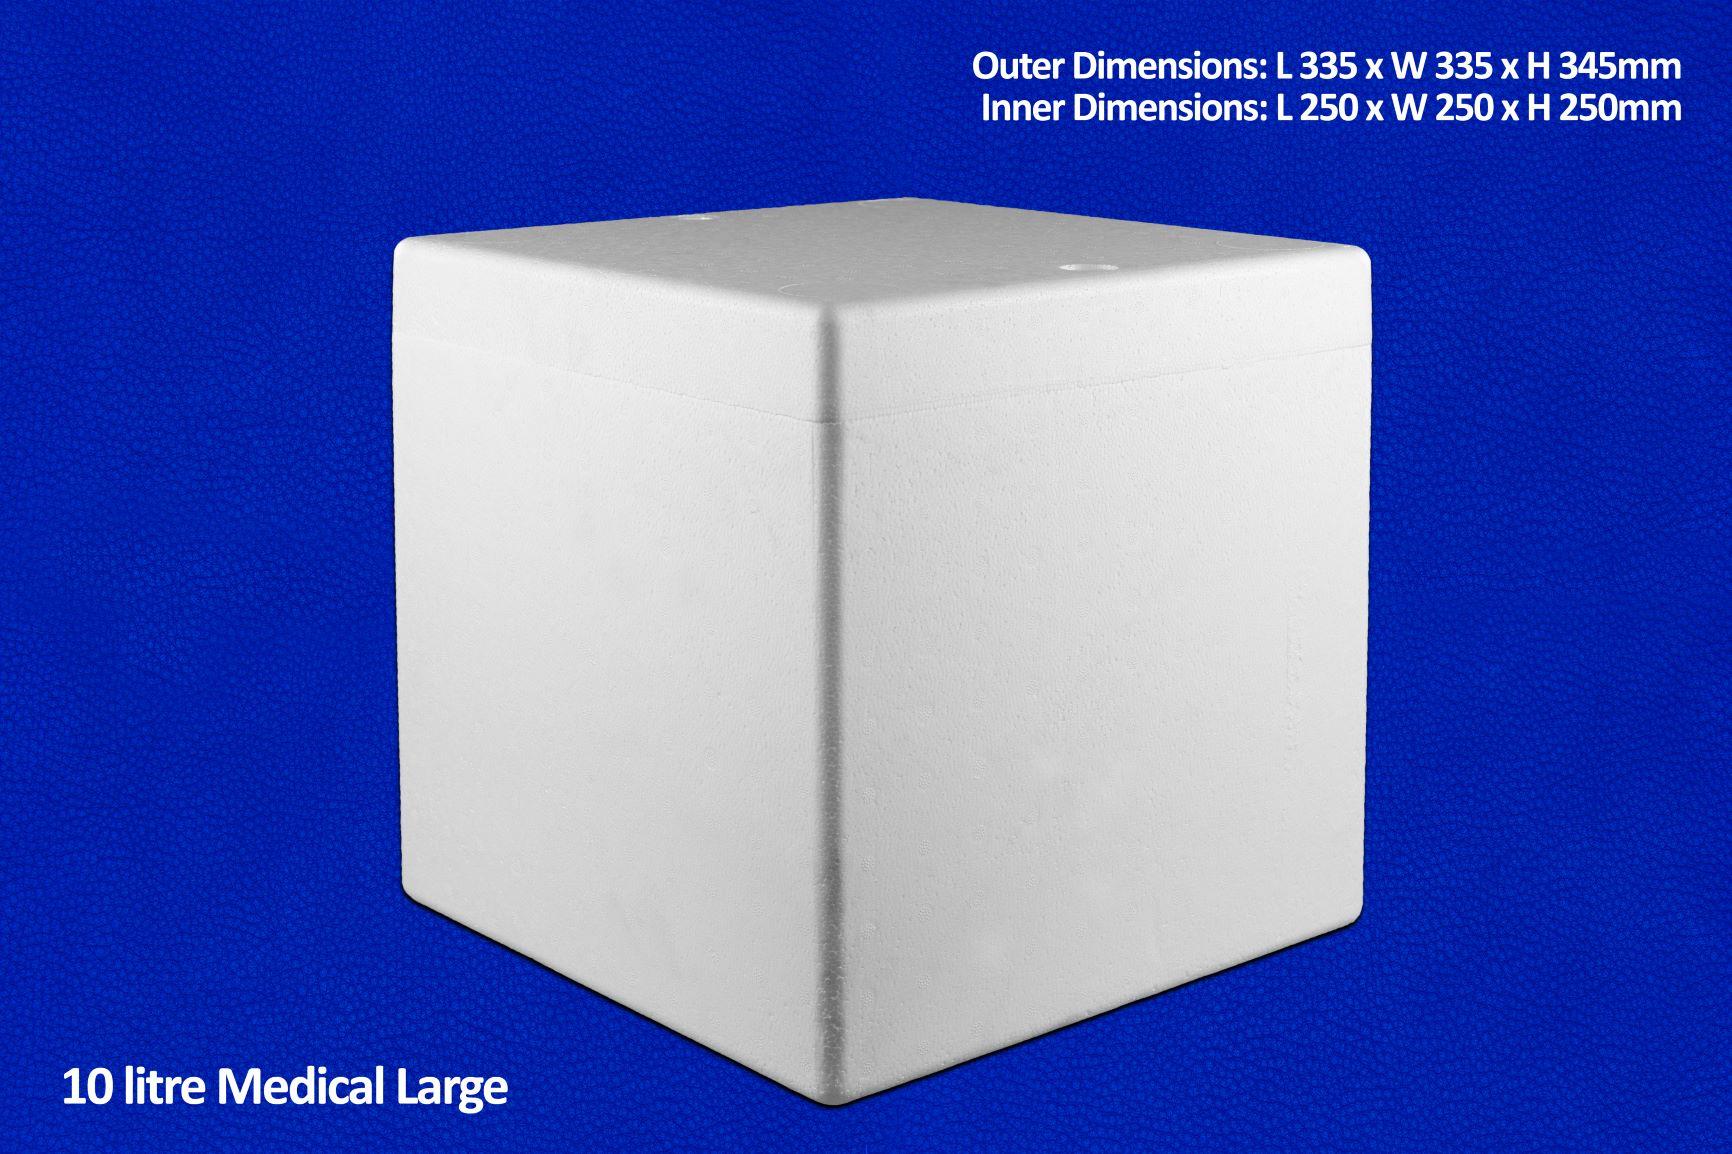 10 Litre Medical Large